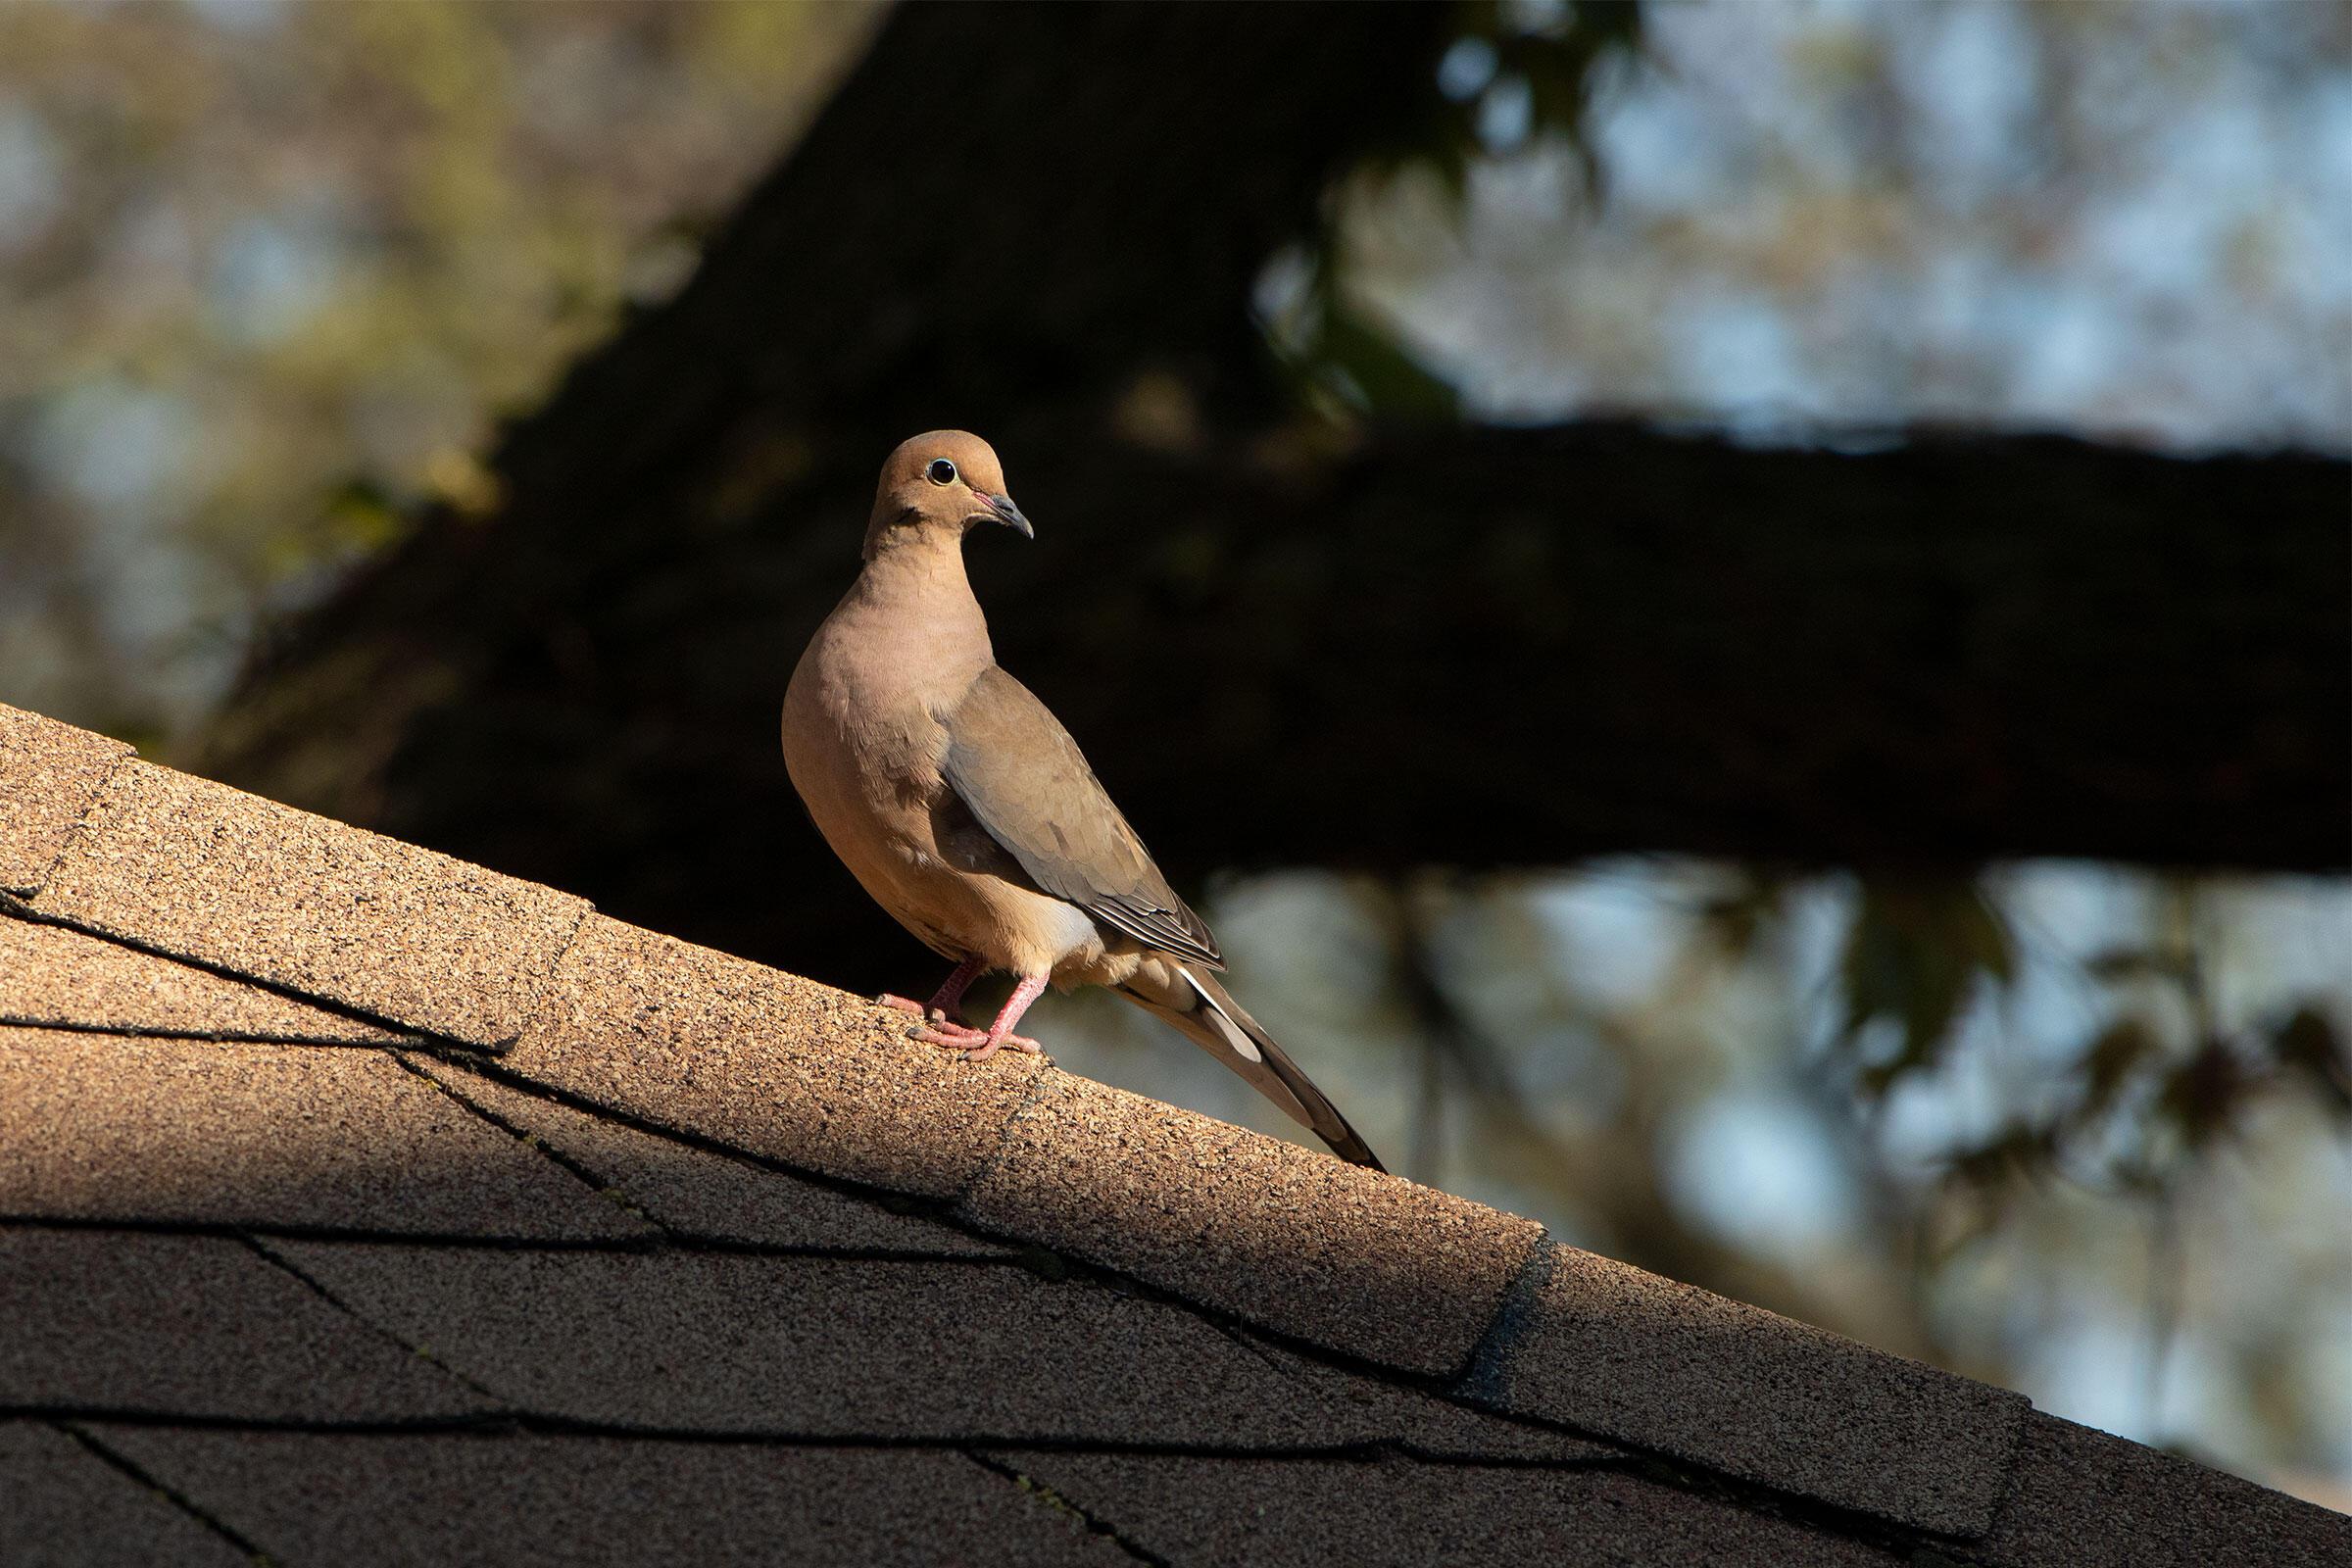 Mourning Dove. Alyssa Bueno, Bronx, NY